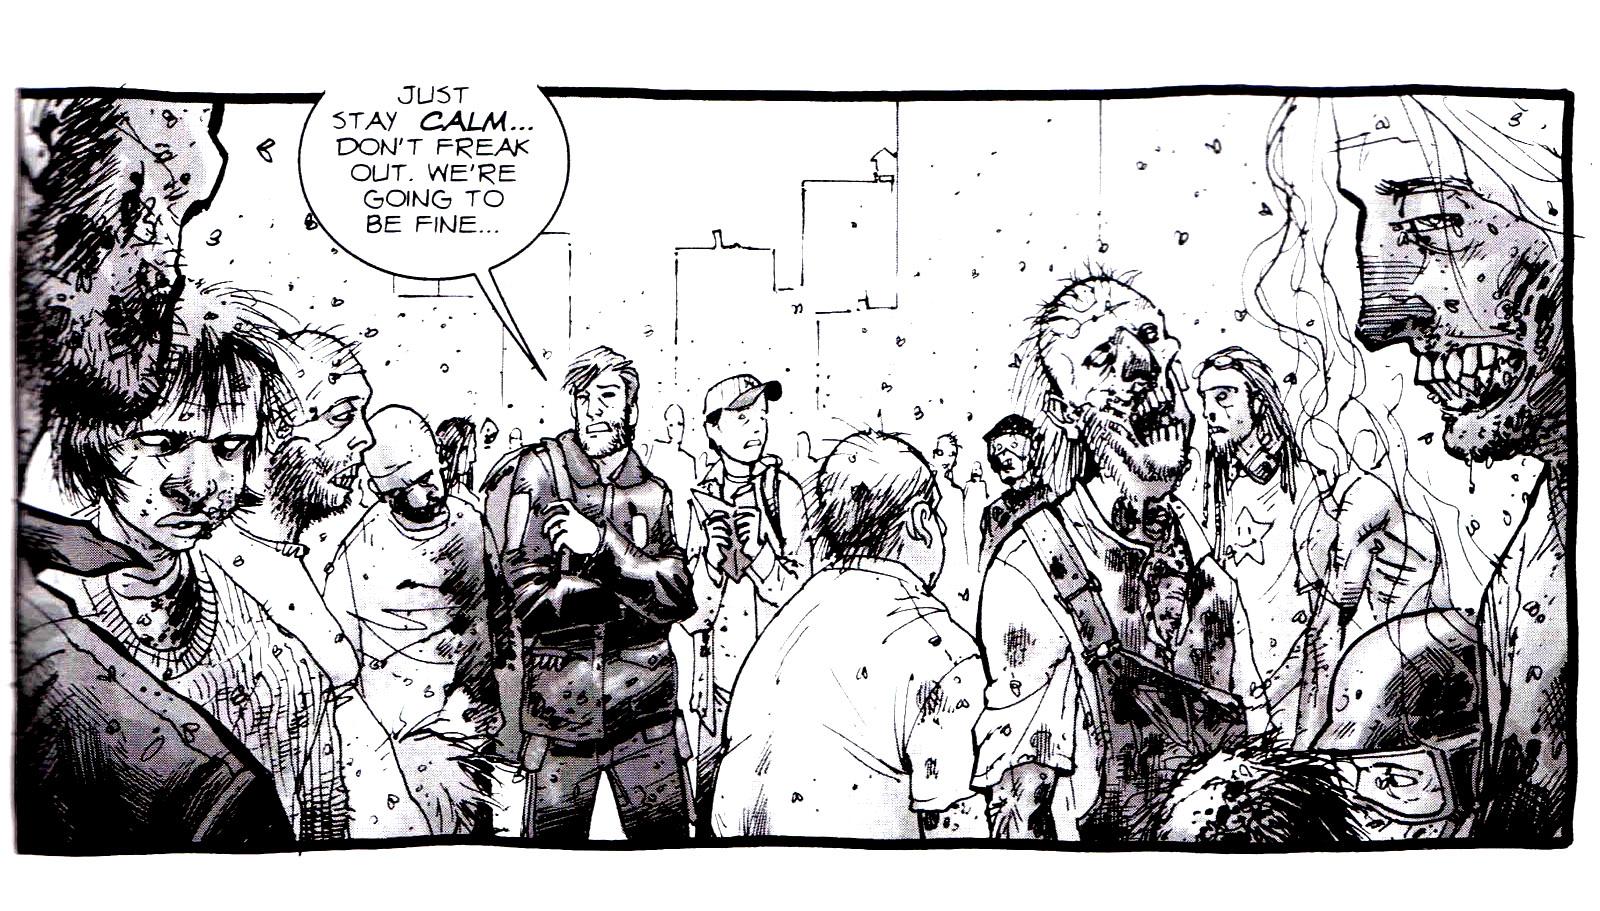 Un petit extrait du comic Walking Dead ... effrayant ...